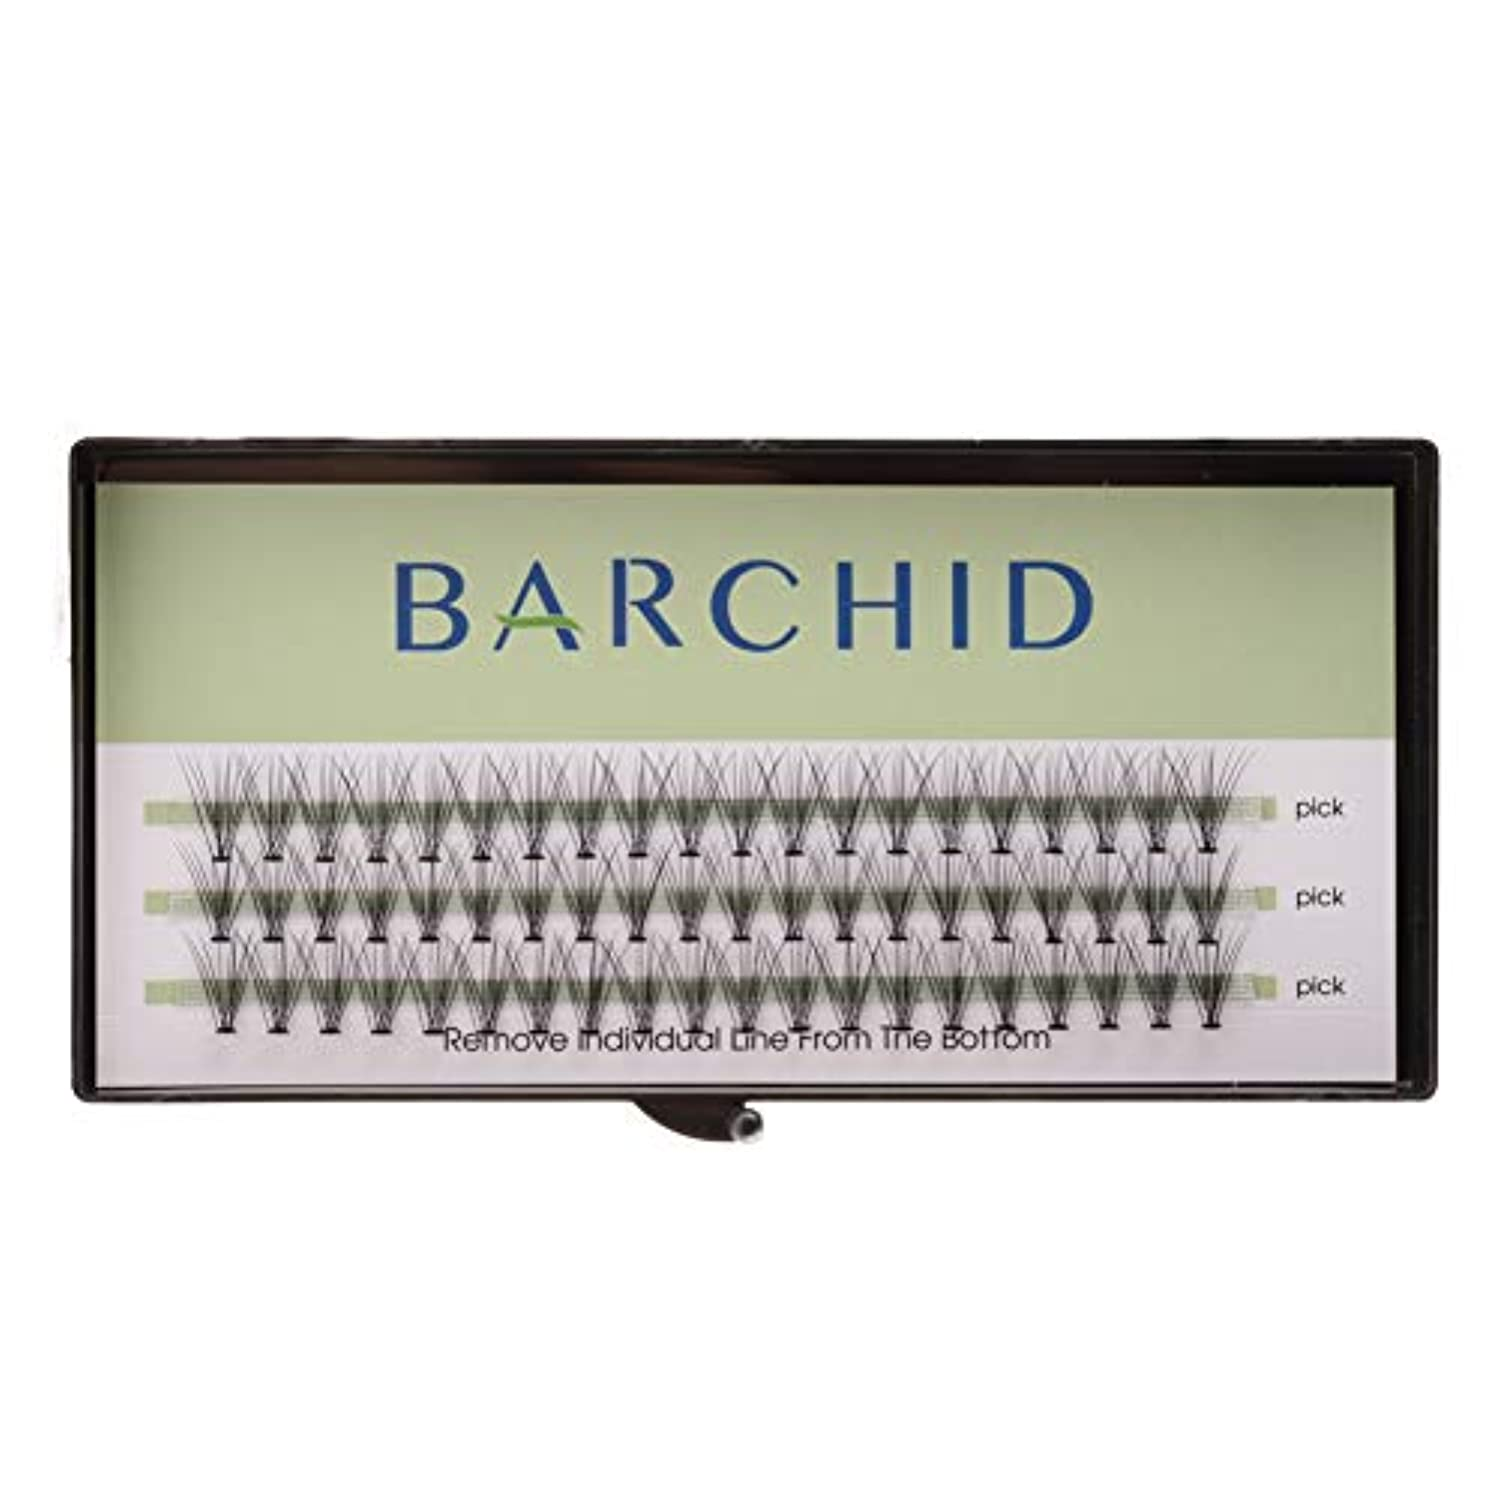 アライメント明らかにするリスキーなBARCHID 高品質超極細まつげエクステ太さ0.07mm 10本束10mm Cカール フレア セルフ用 素材  マツエク